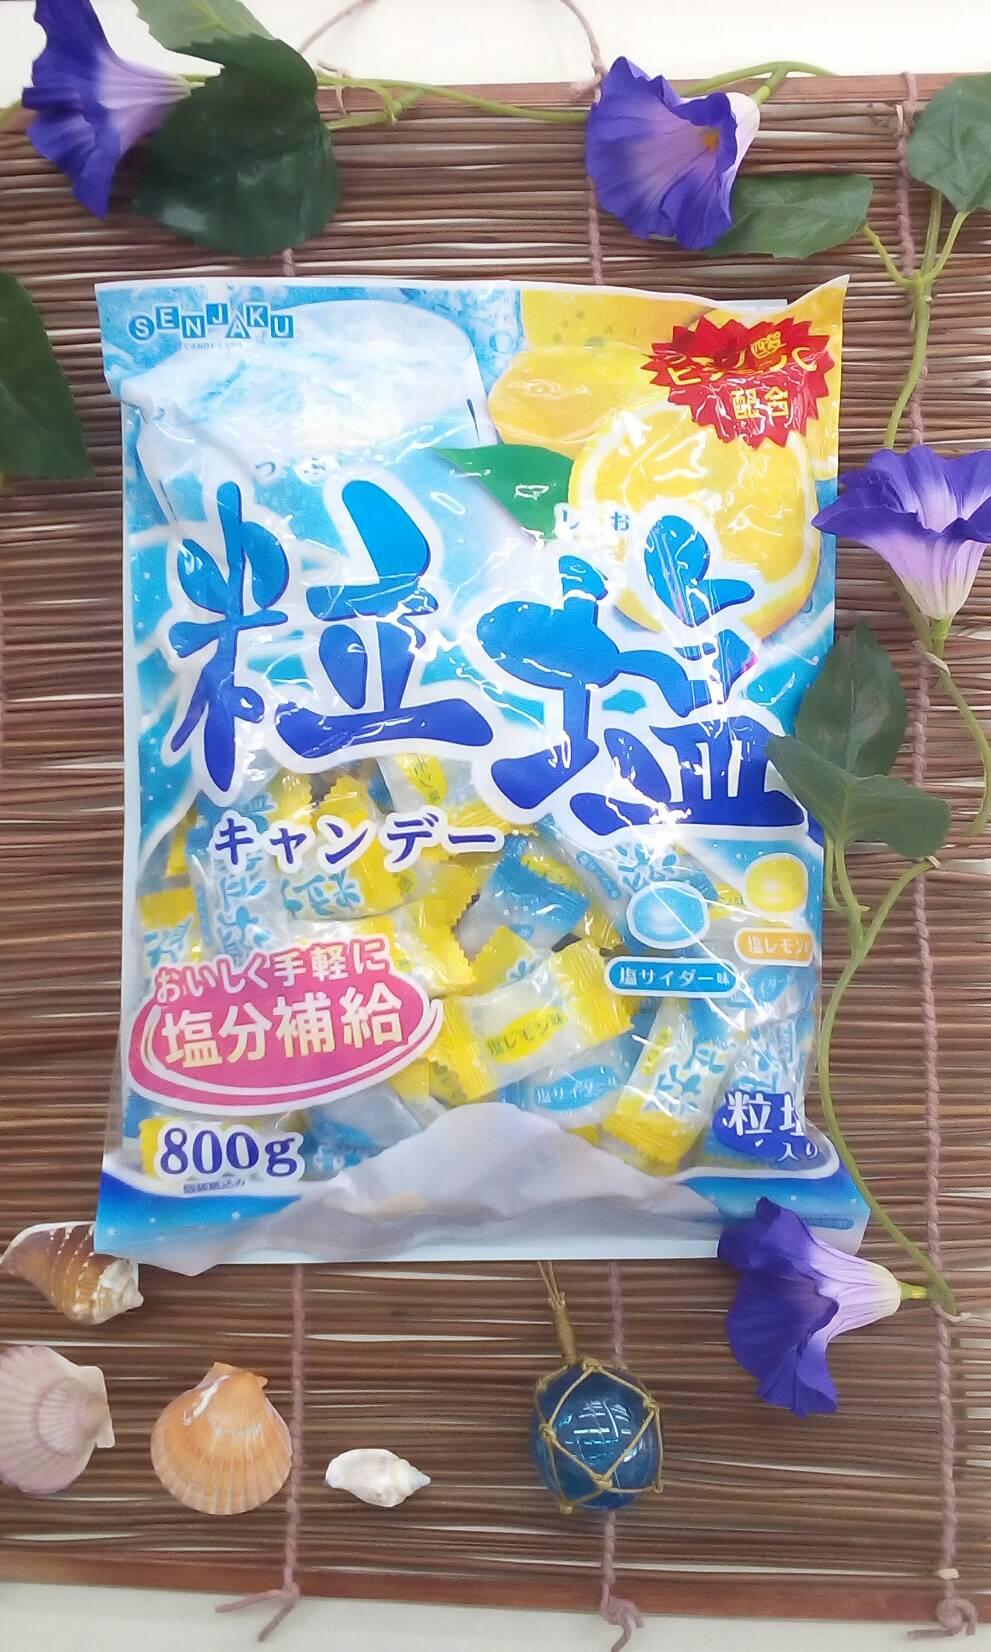 扇雀 粒塩キャンディー 800g